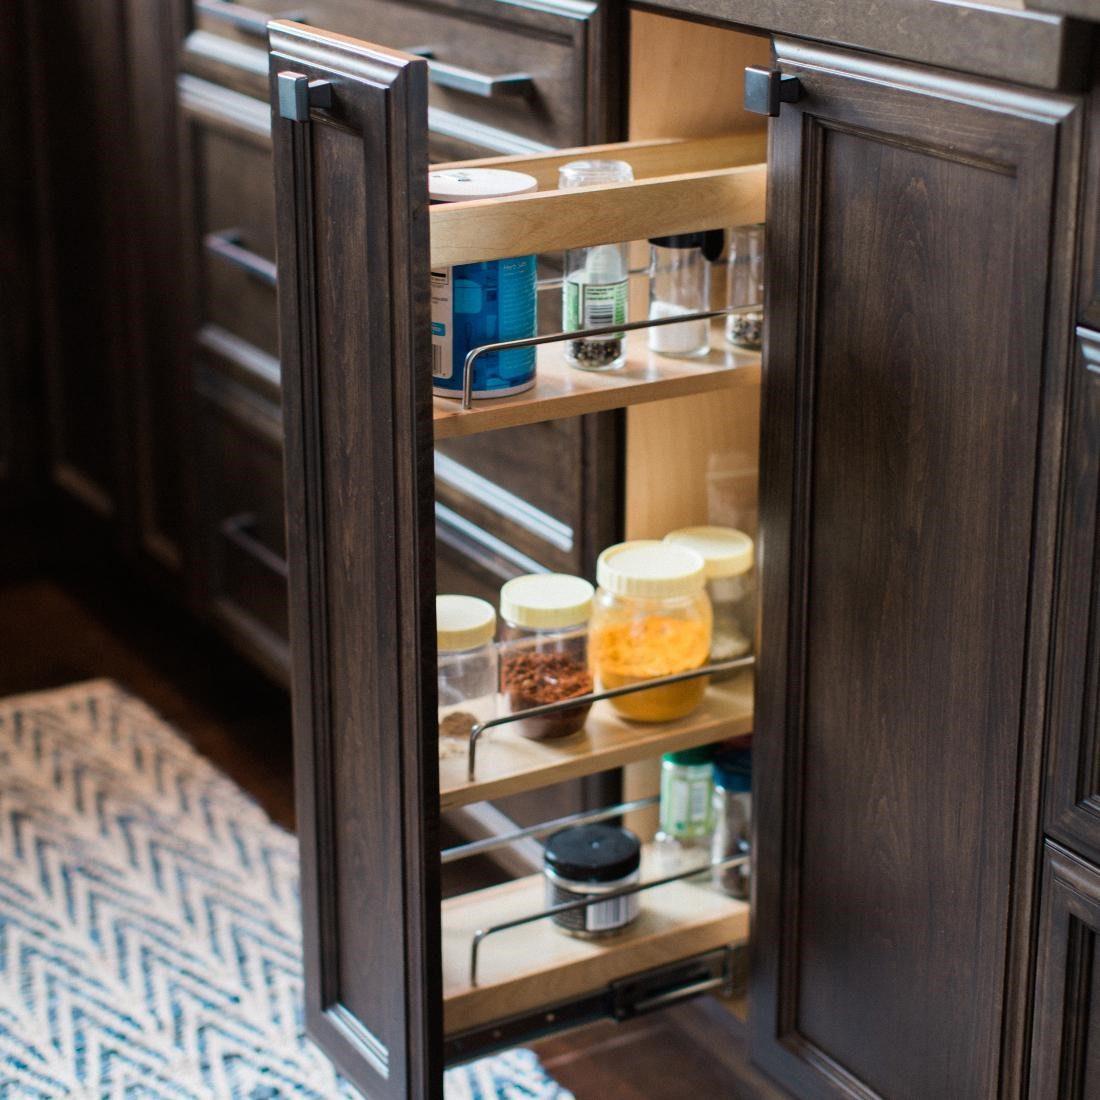 Updating Kitchen 5 Ways To Update Your Kitchen Case San Jose